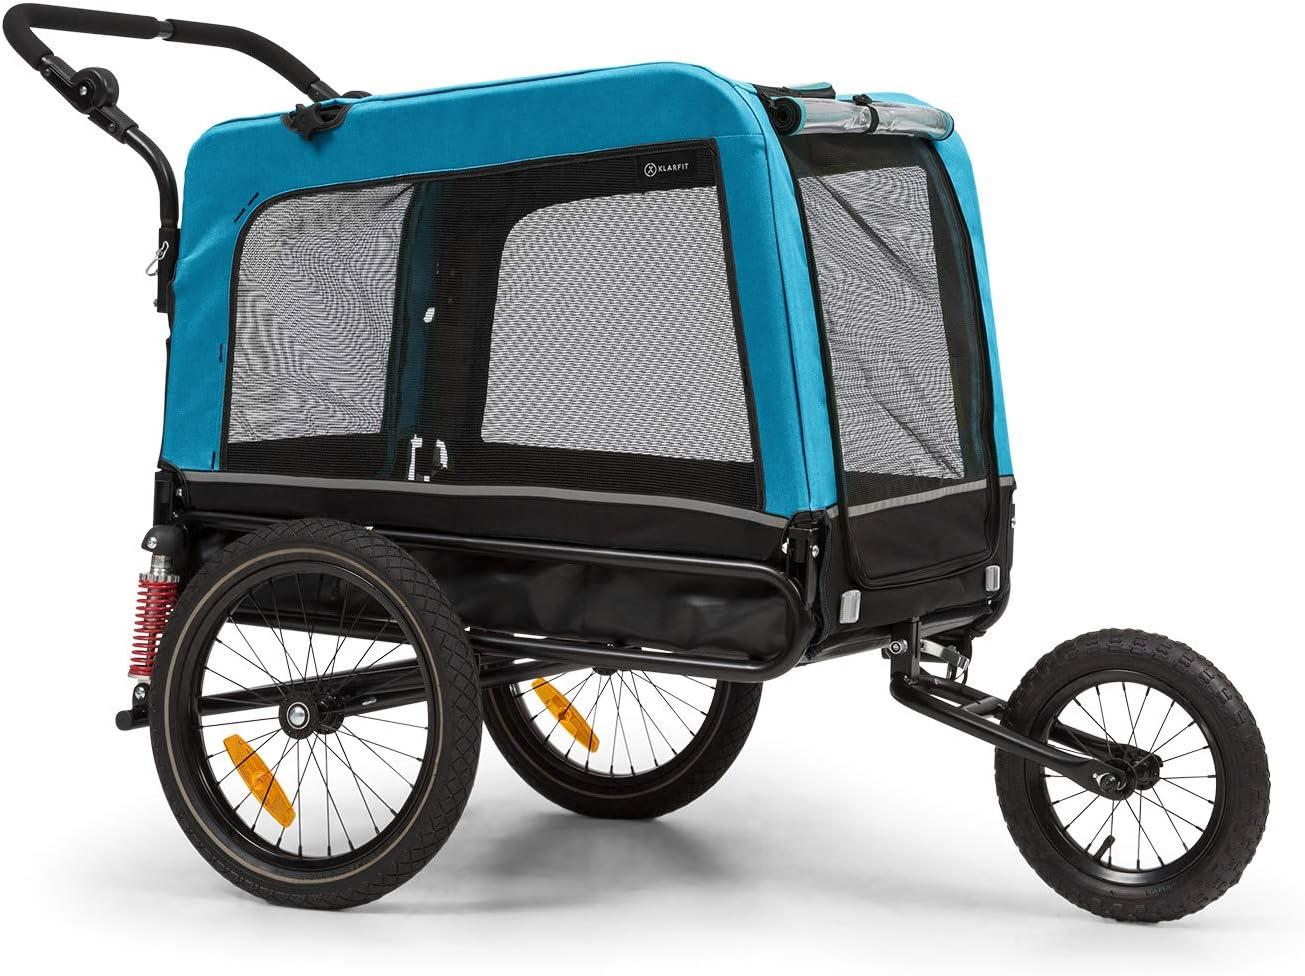 KLAR FIT Klarfit Husky Vario 2 en 1 Remolque para Perro y Silla de Paseo para Perro - Aprox. 240 litros de Volumen, Material: 600D Oxford Canvas, SmartSpace Concept, Carga máxima: 40 kg